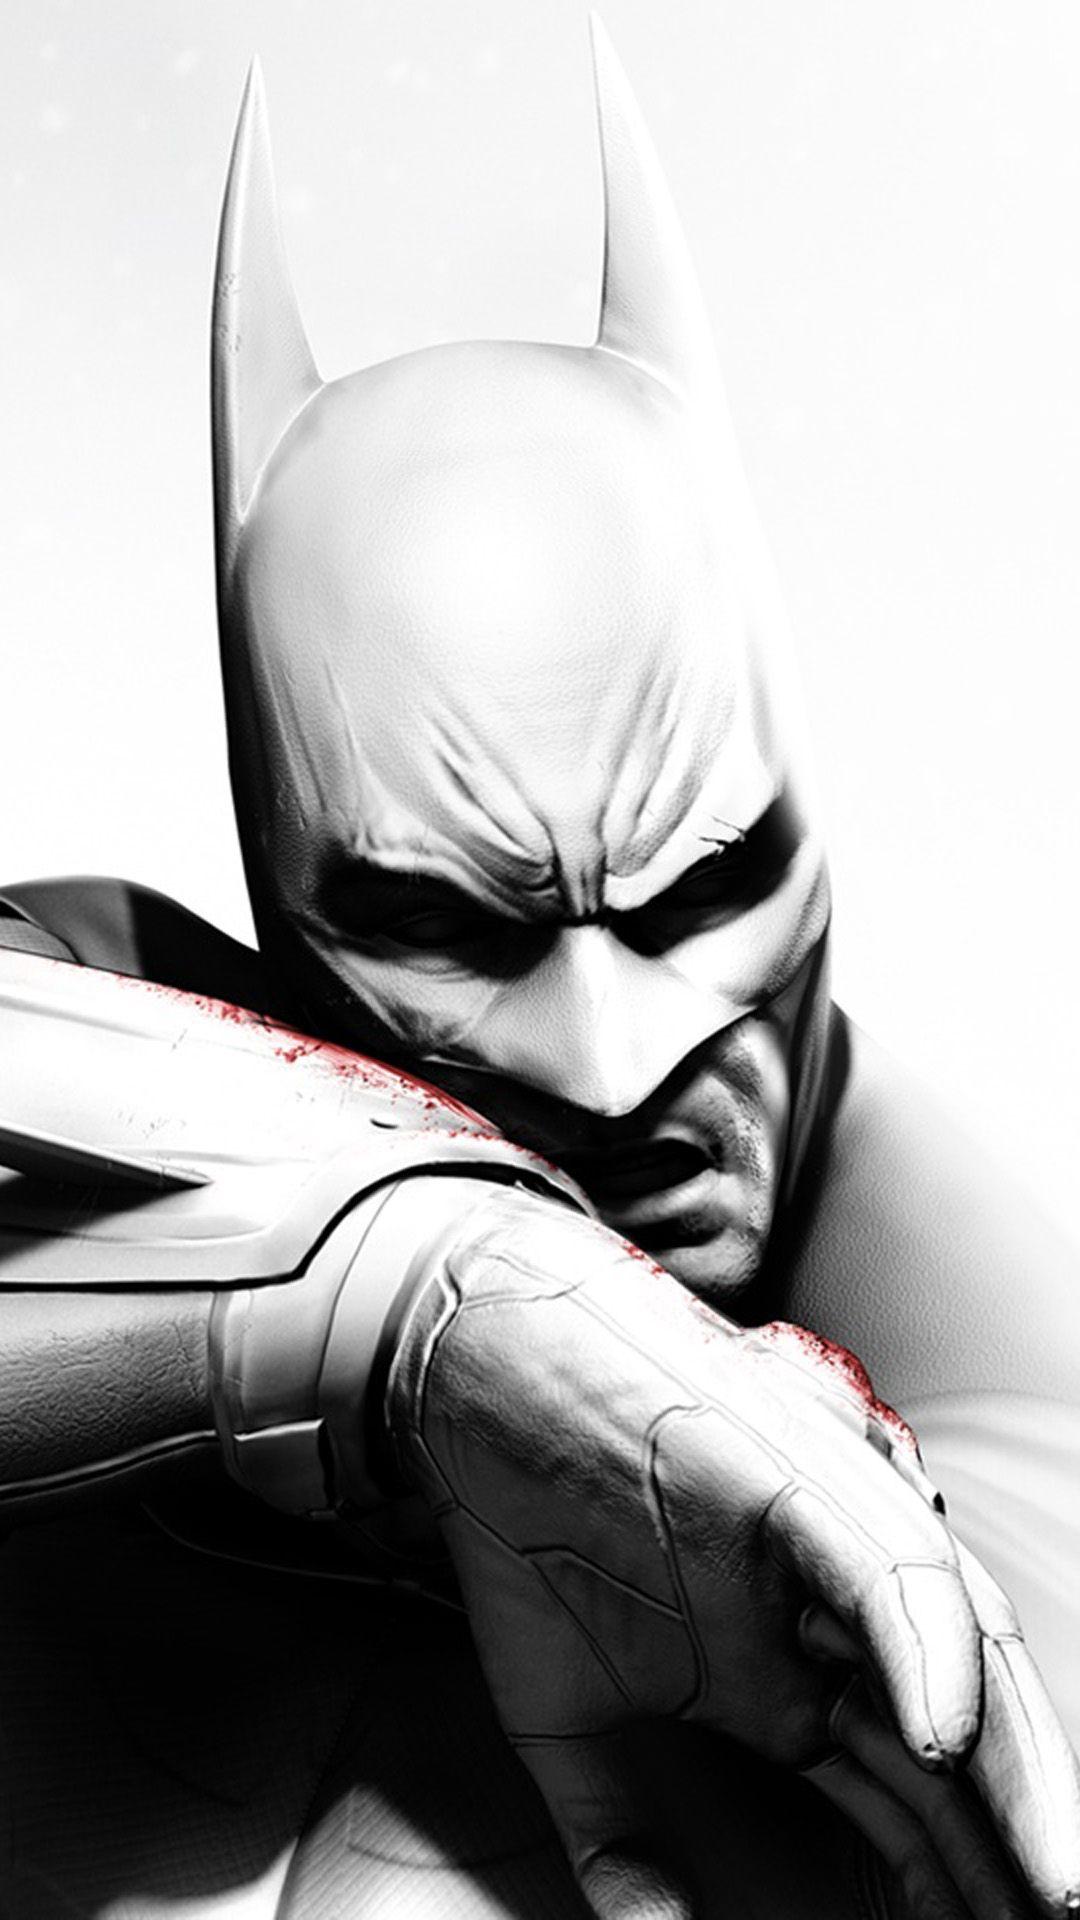 Batman Iphone Wallpaper Hd Group Pictures 32 I 2020 Batman